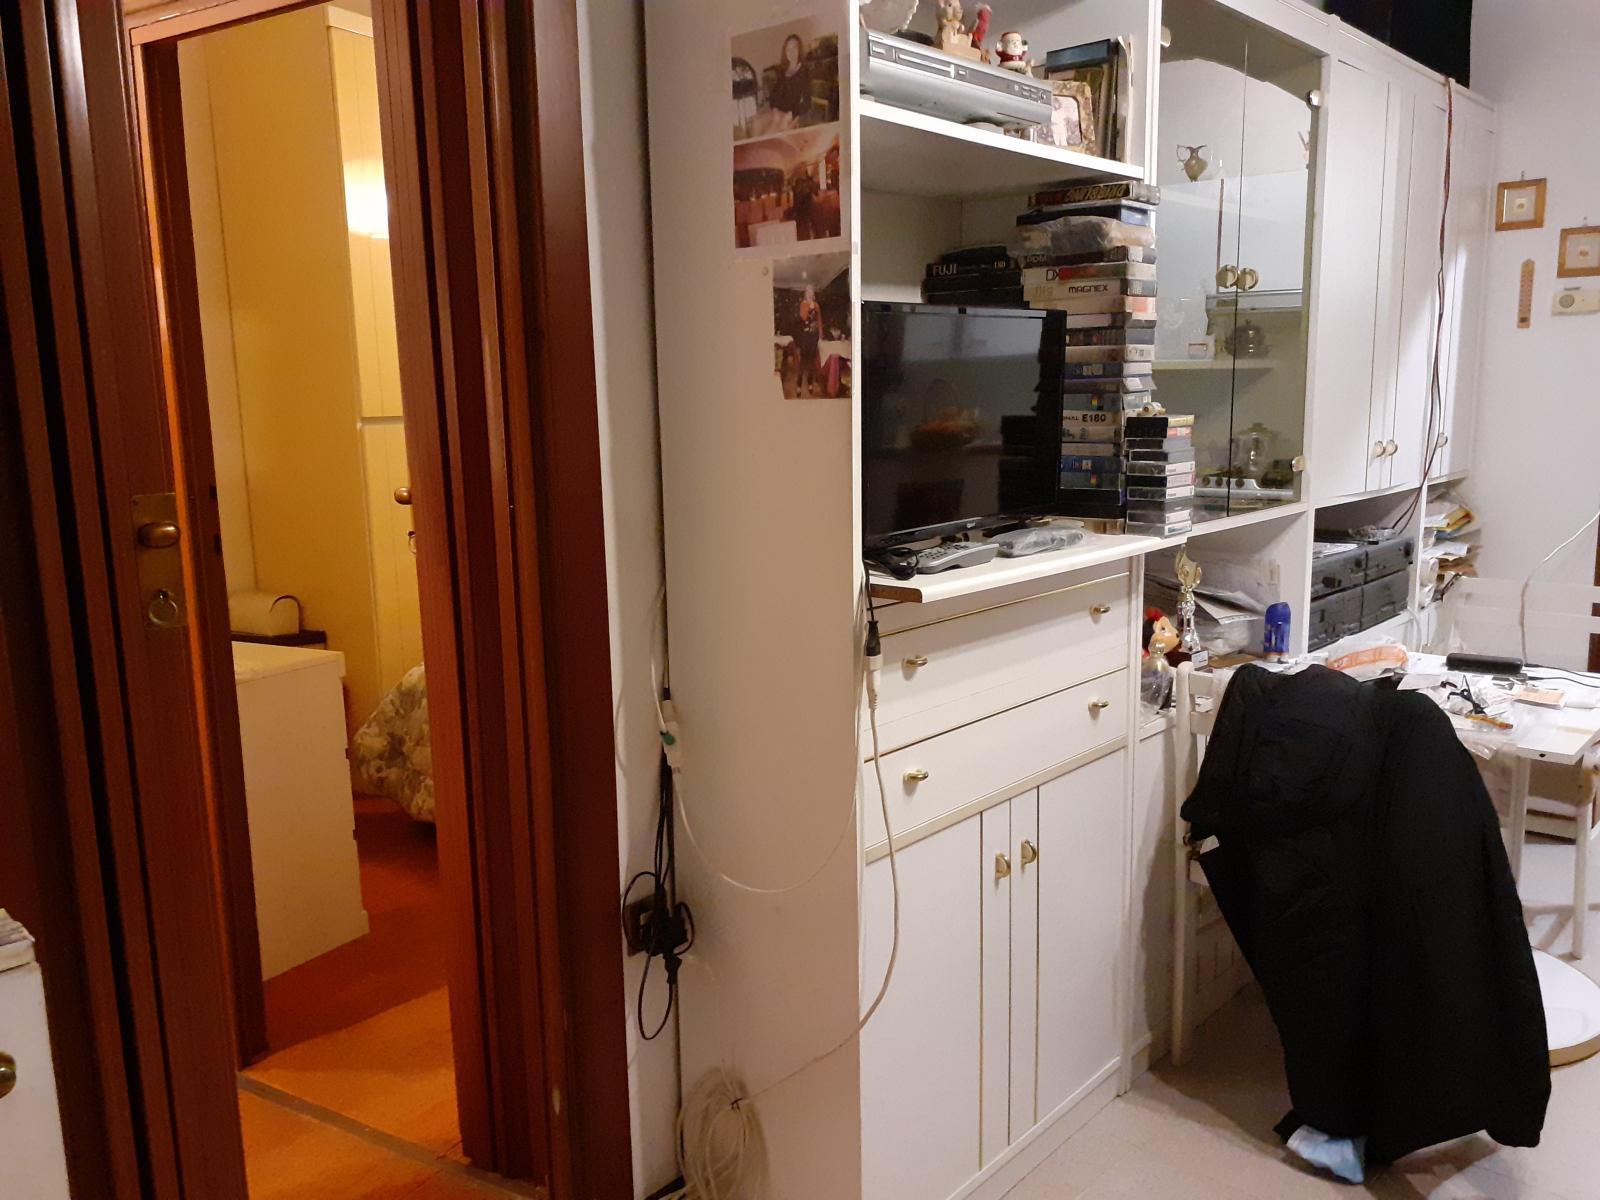 appartamento-in-vendita-a-baggio-milano-2-locali-bilocale-spaziourbano-immobiliare-vende-14